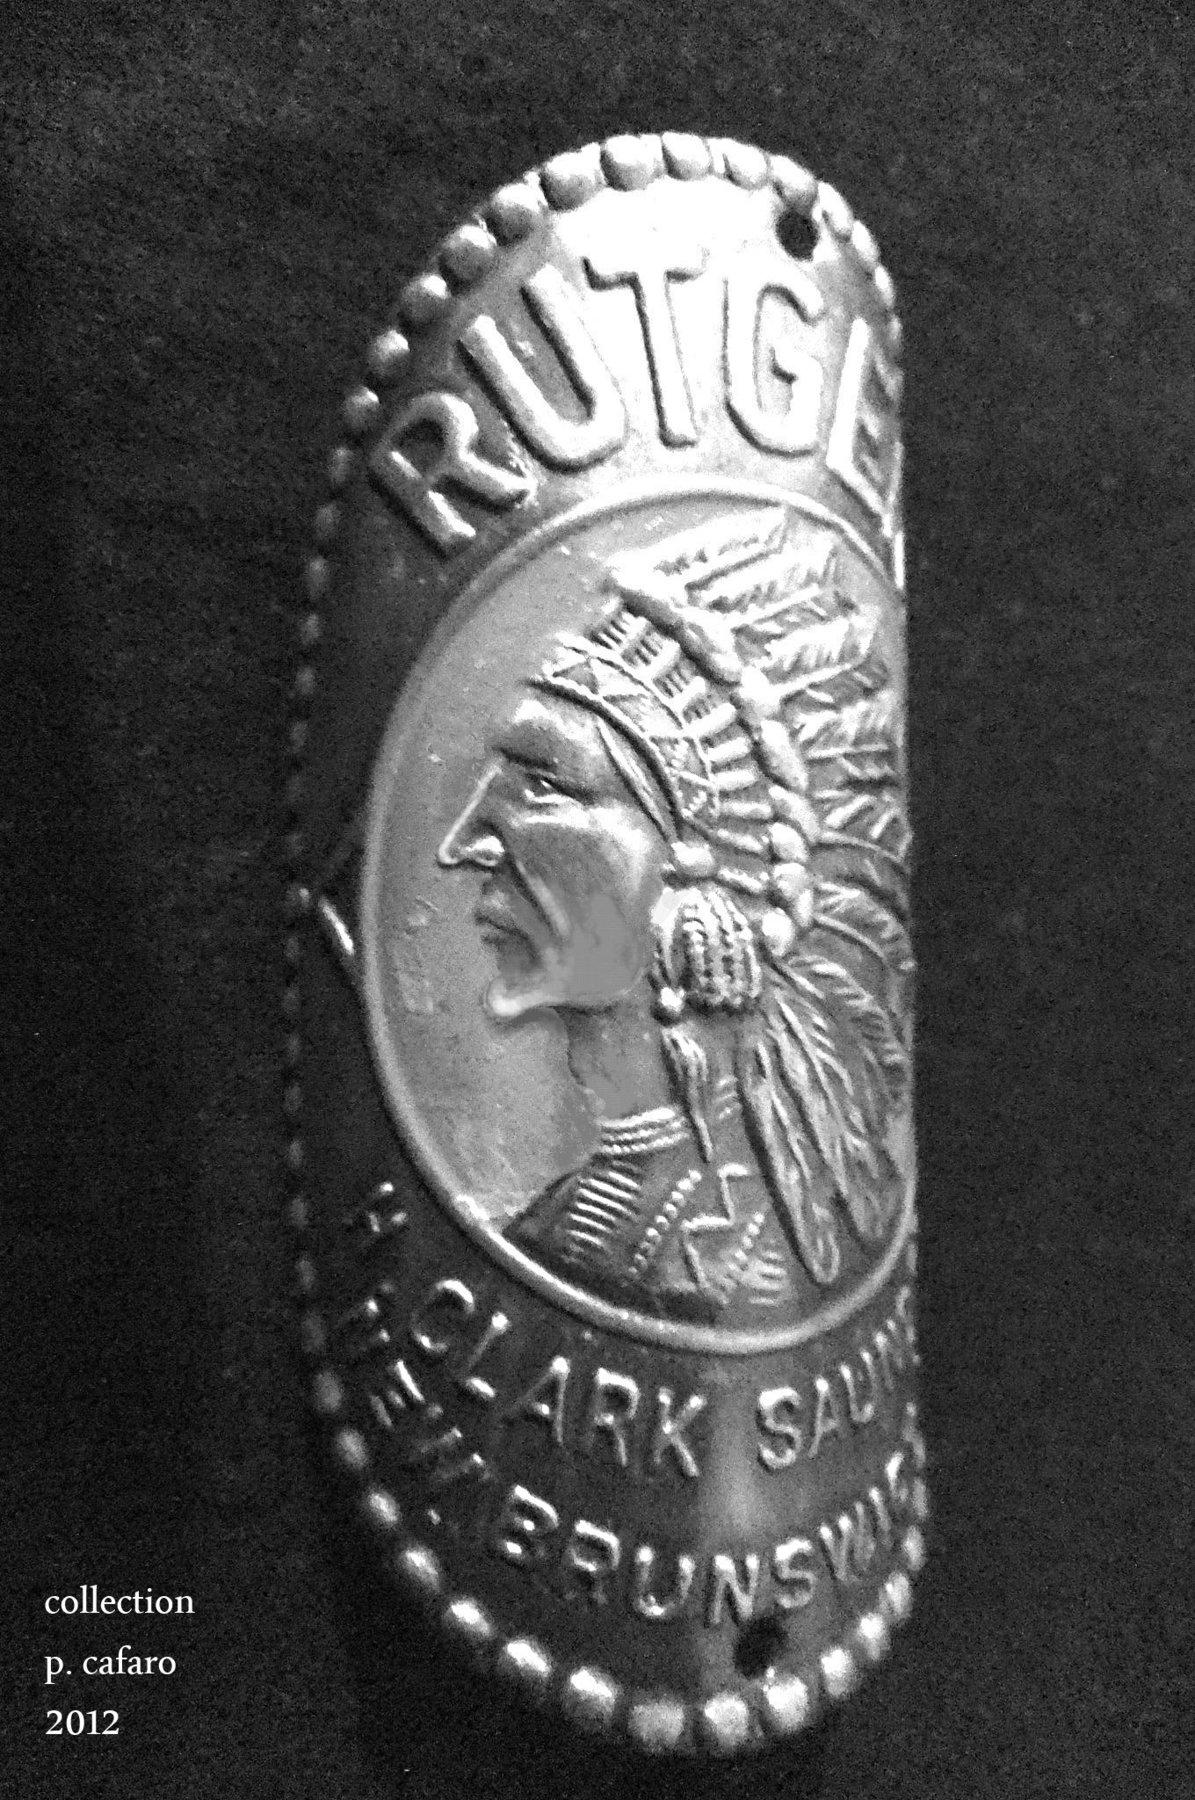 DSCF0877 badge.JPG